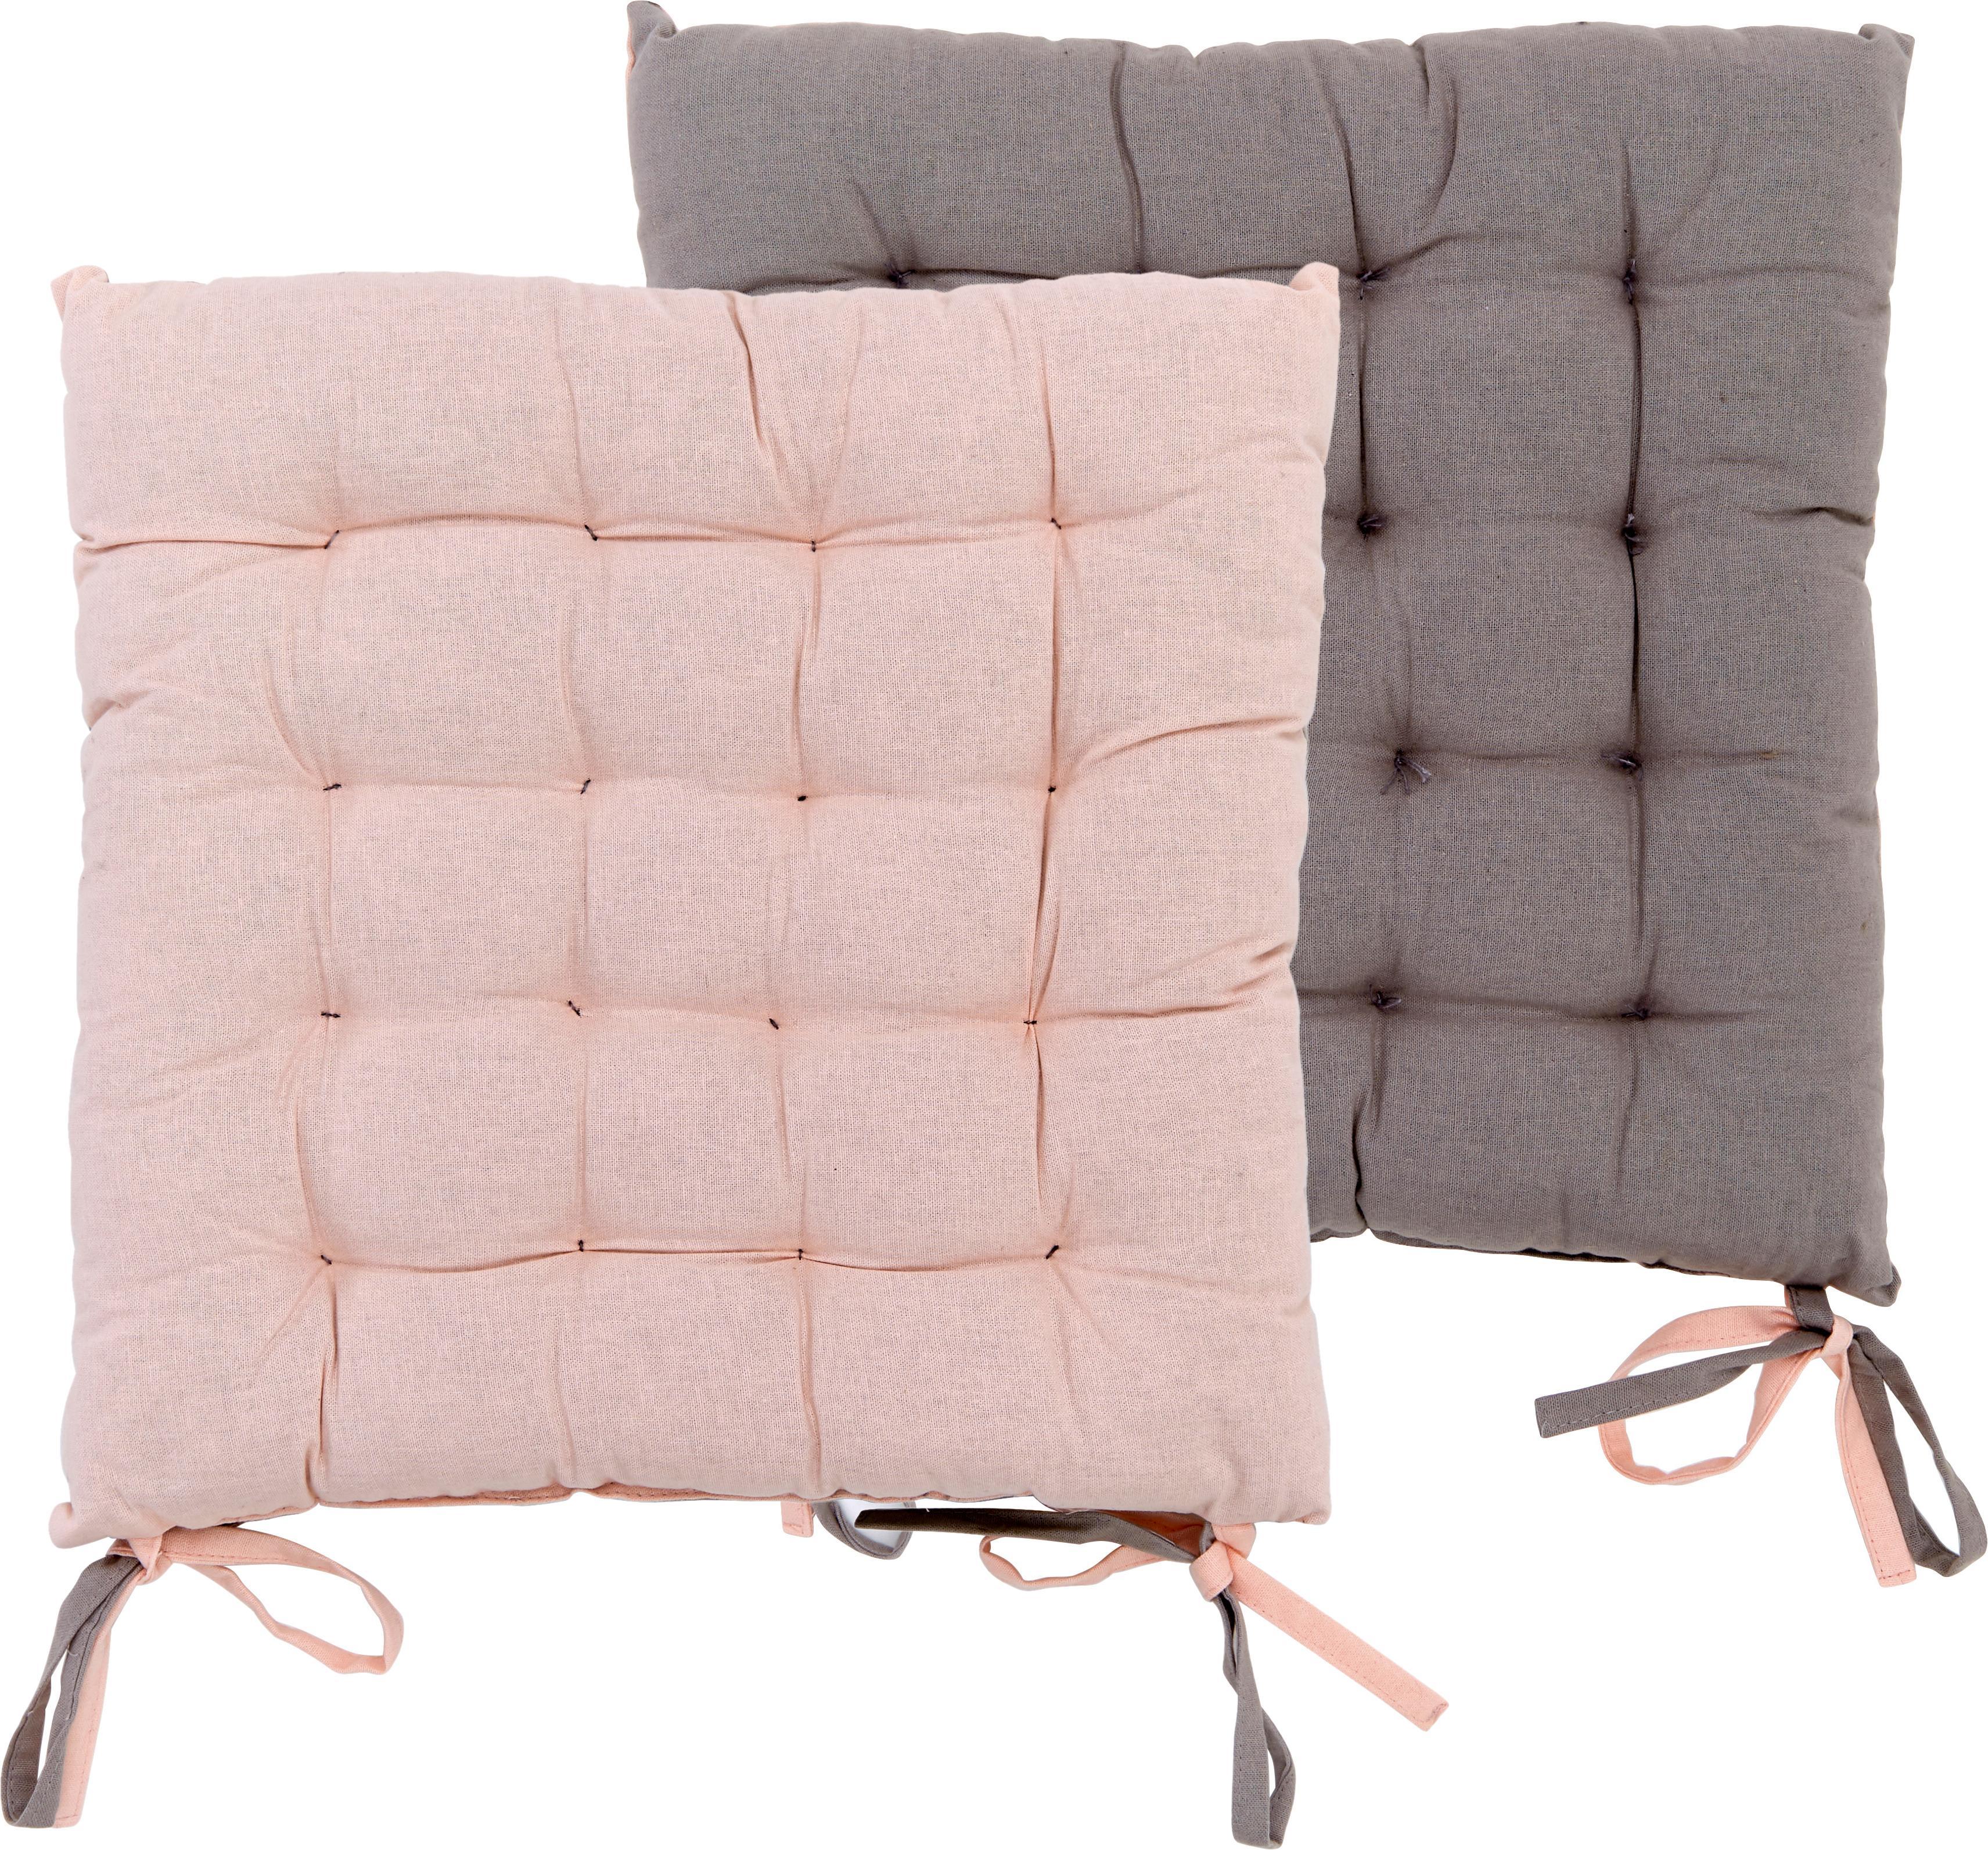 Cuscino reversibile rosa/grigio Duo 2 pz, Rosa cipria, grigio, Larg. 40 x Lung. 40 cm